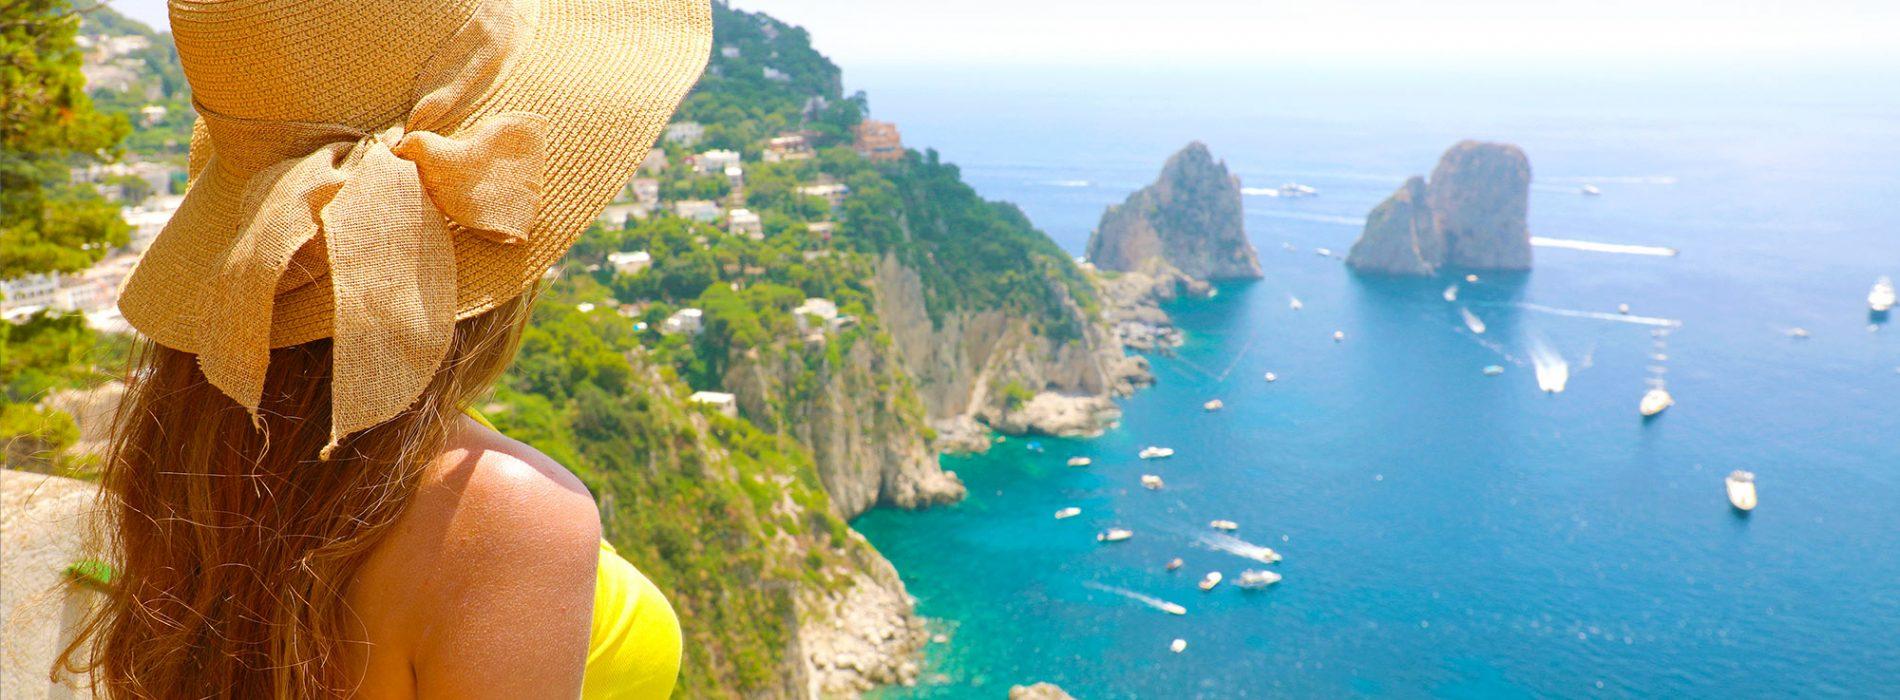 Shore Excursion from Naples to Pompeii, Sorrento and Capri